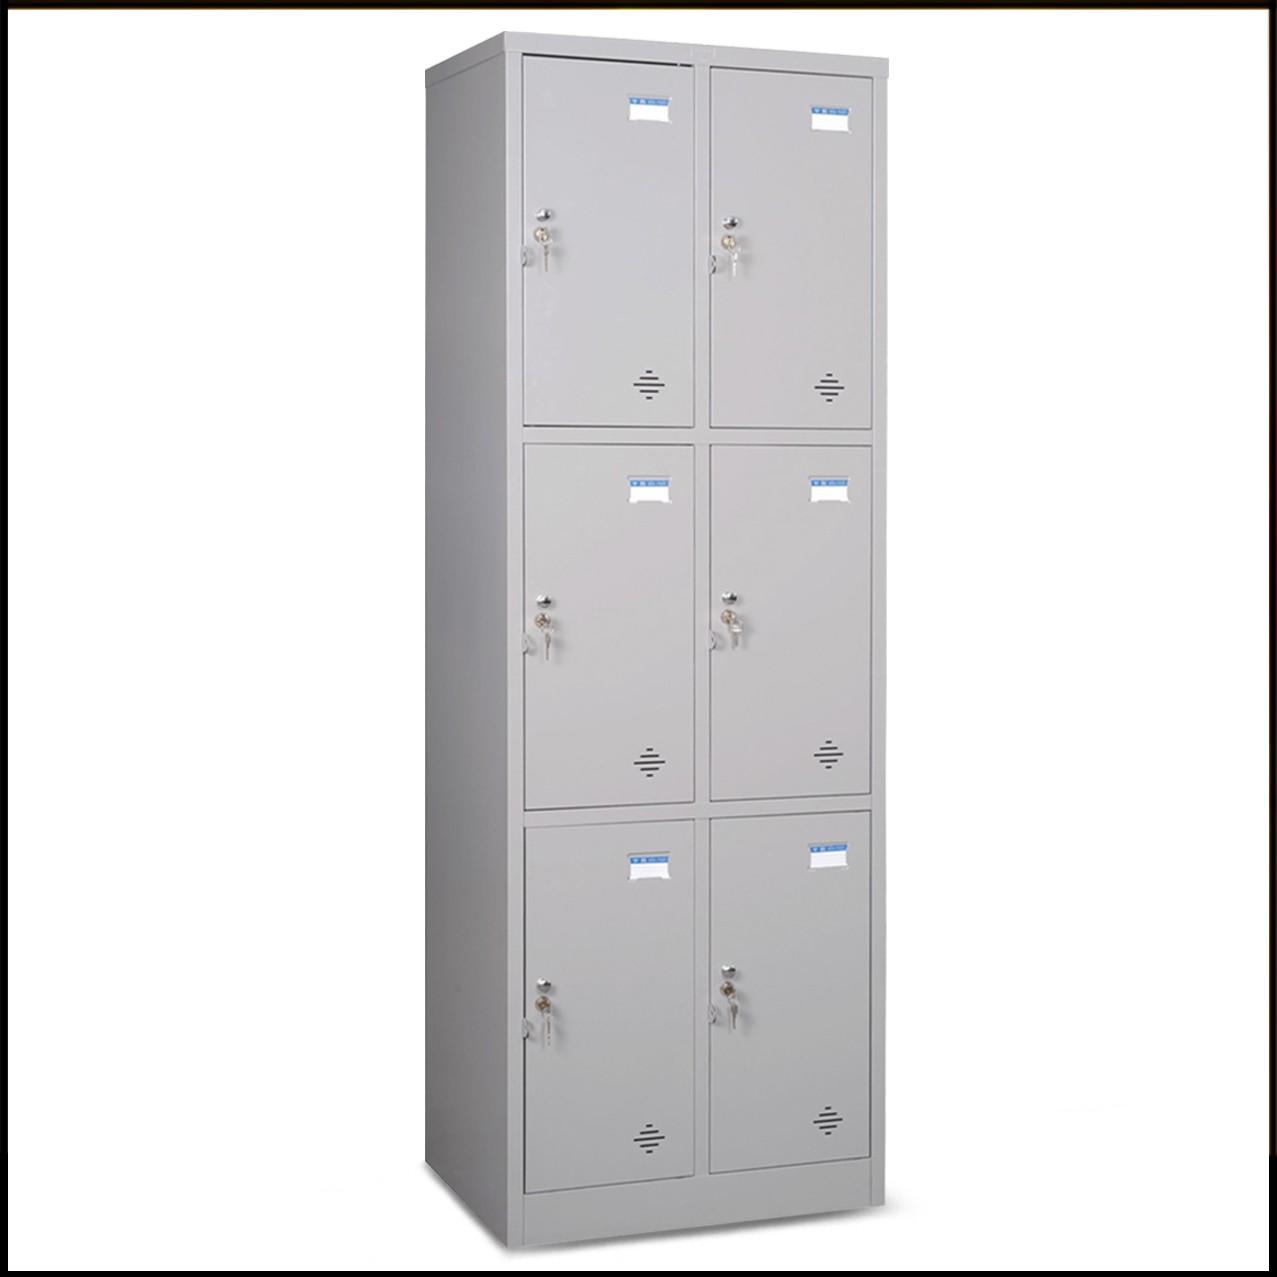 Tủ Locker 6 khoang TU983-2K